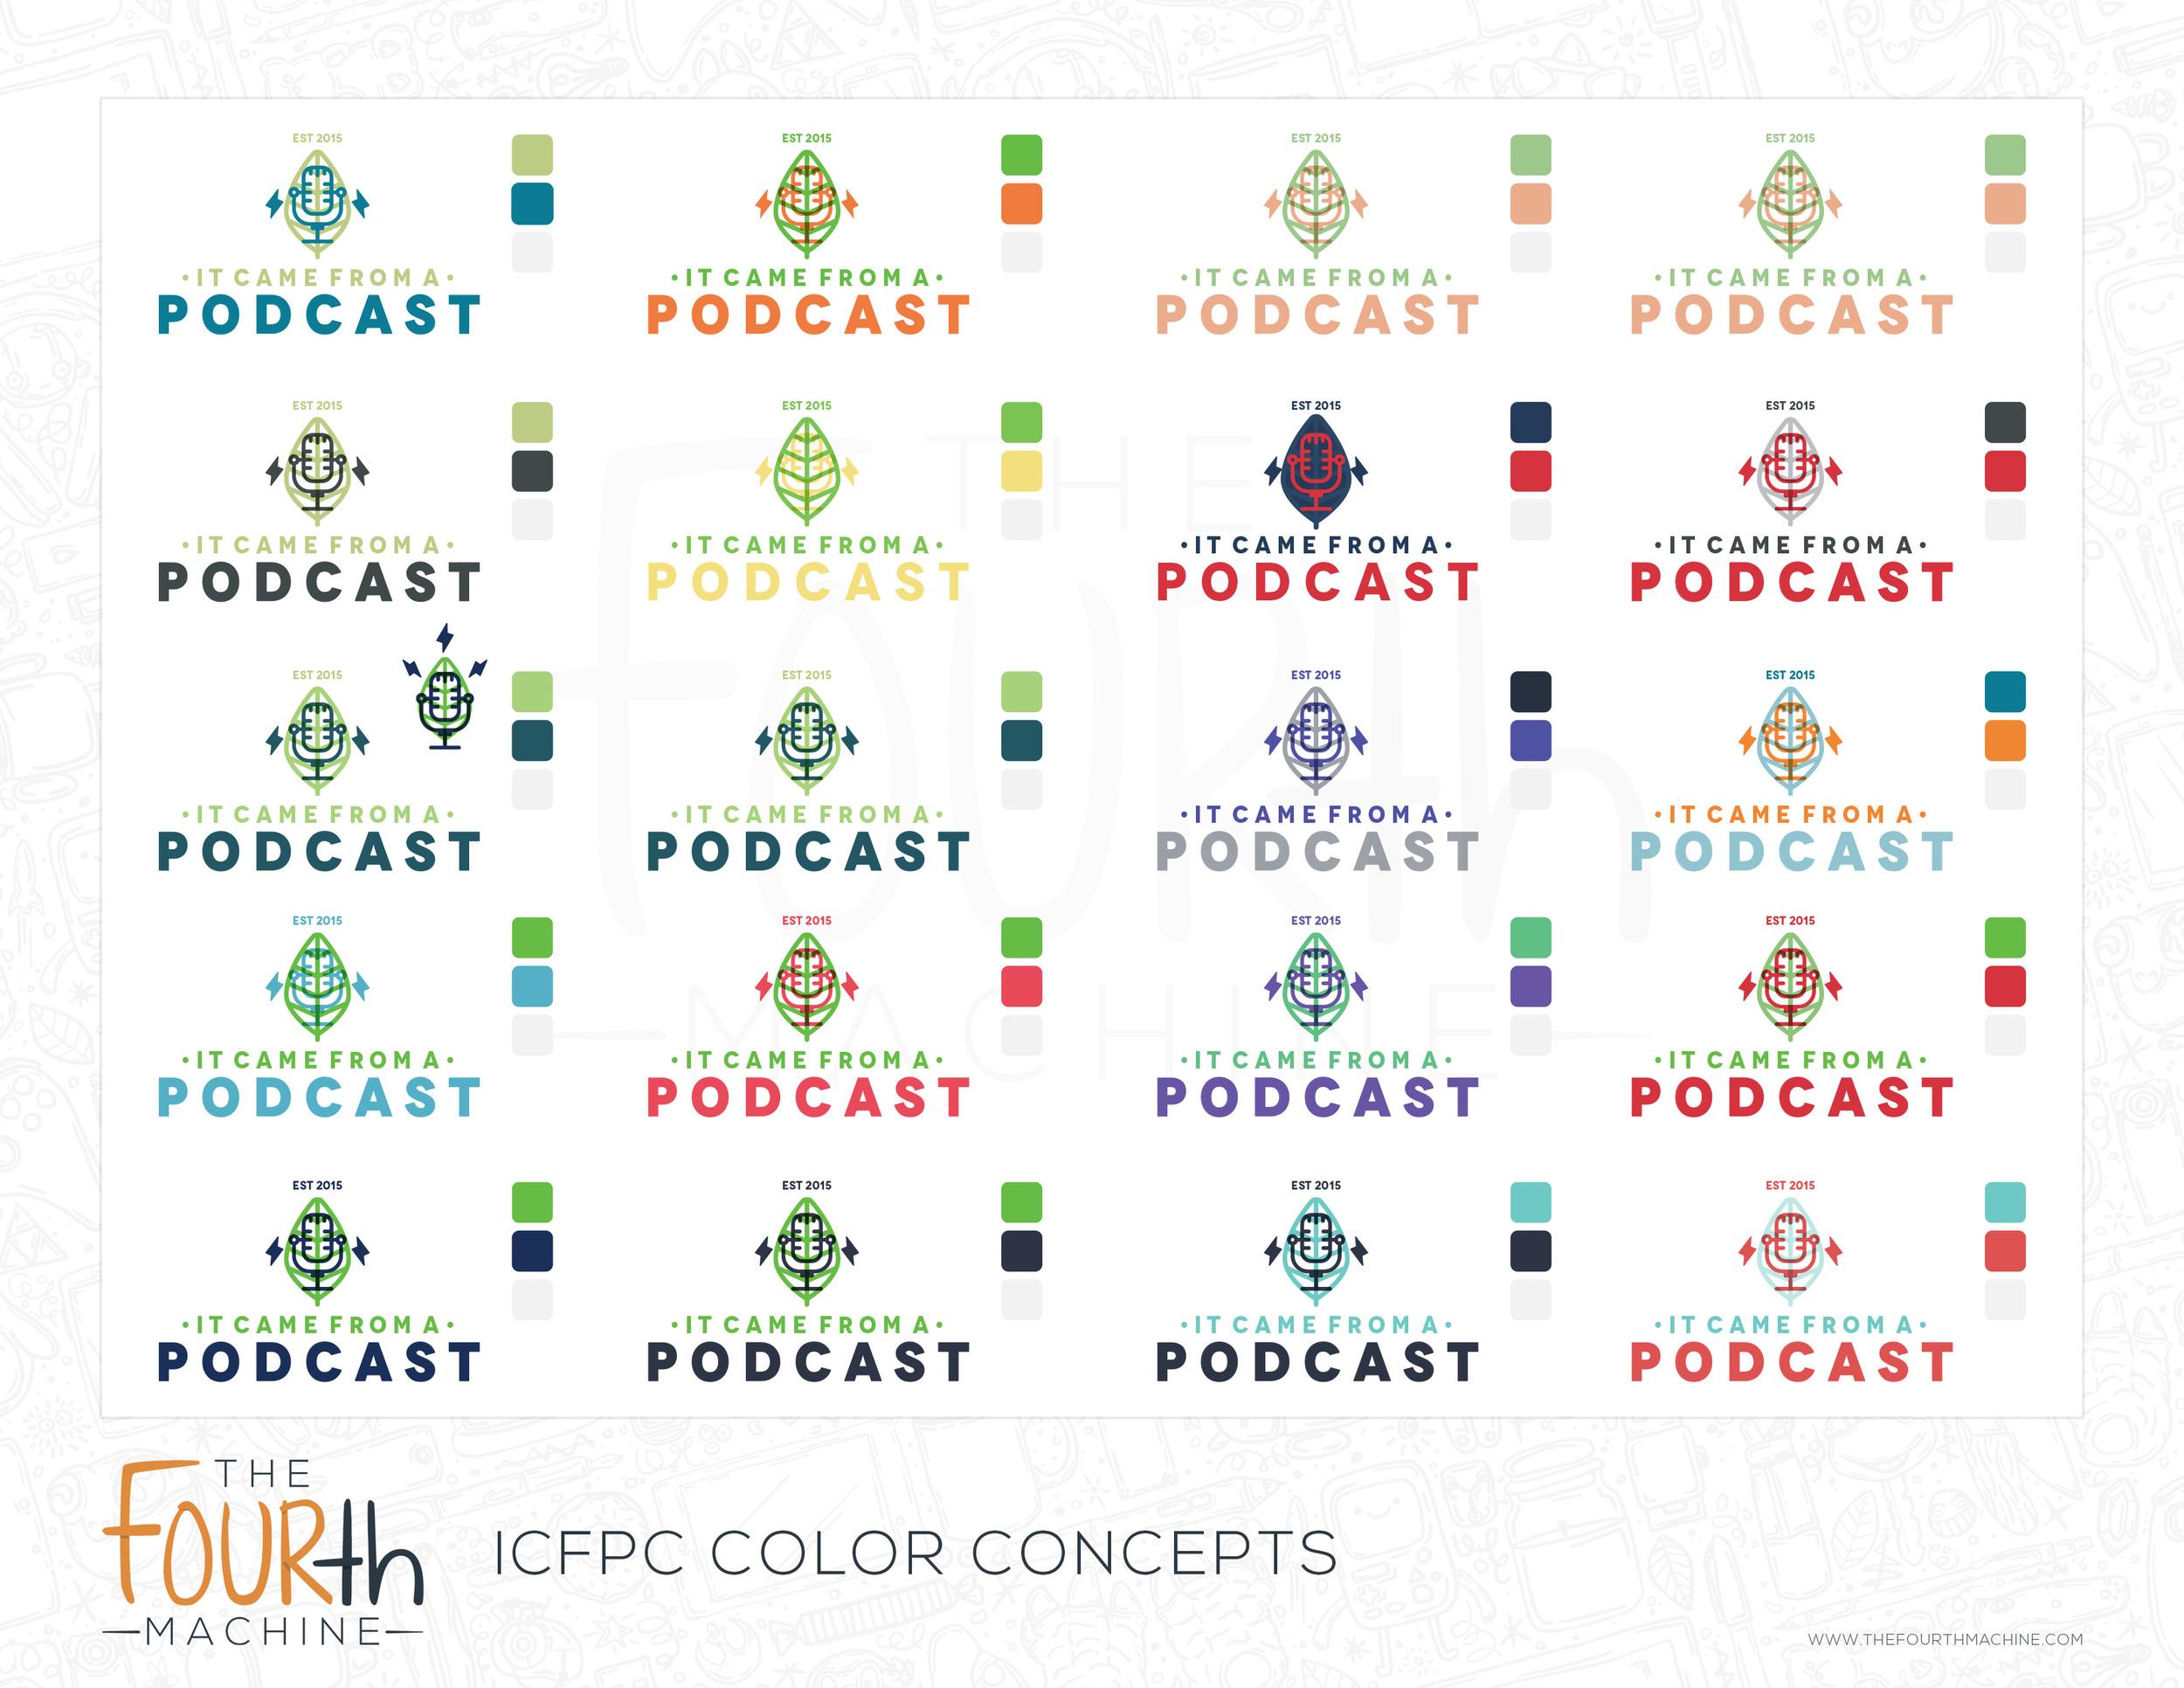 ICFPC_Color_Concepts.jpg